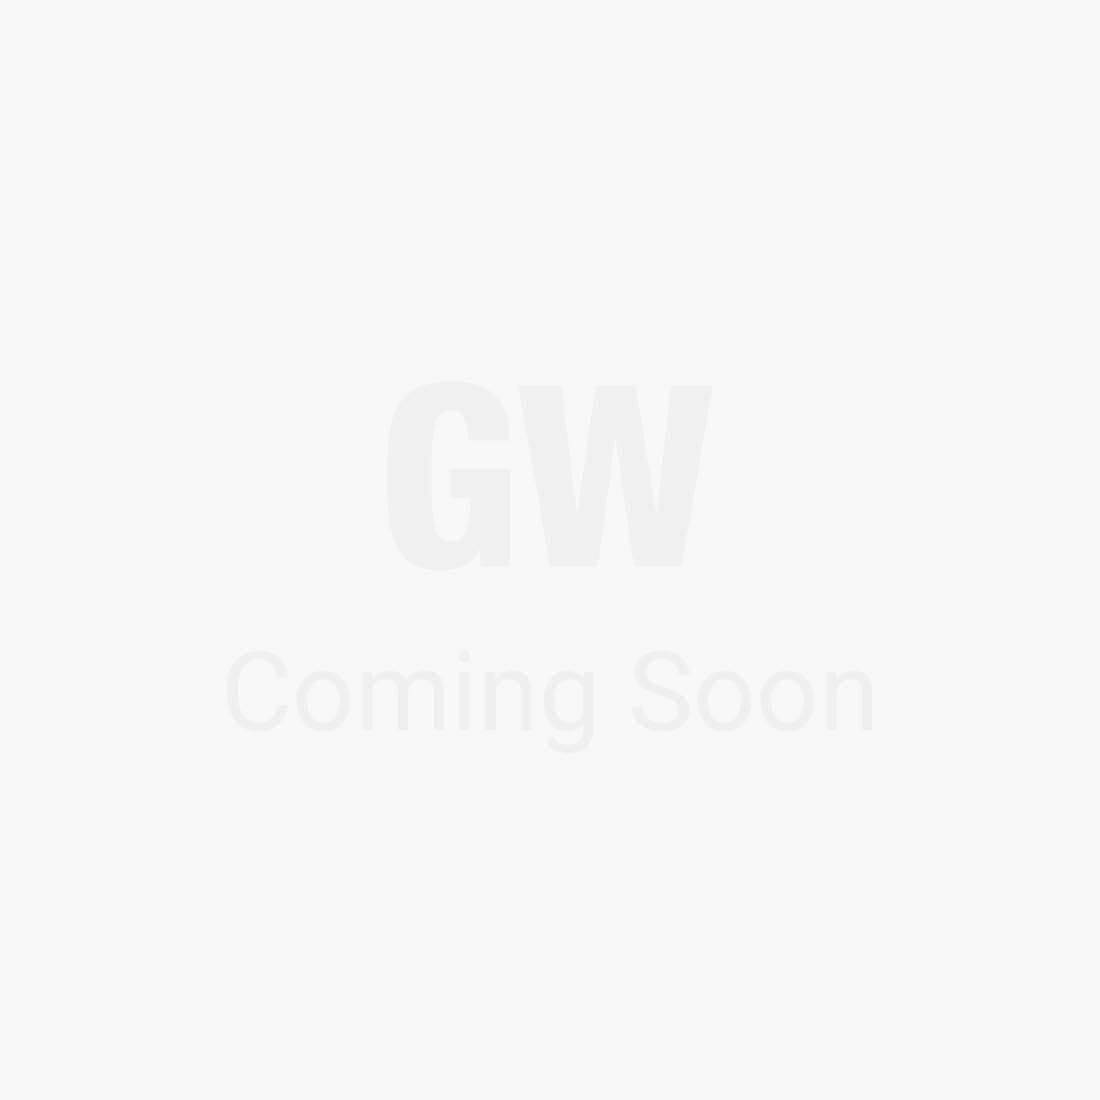 Sinclair Square 3 Seater Sofa